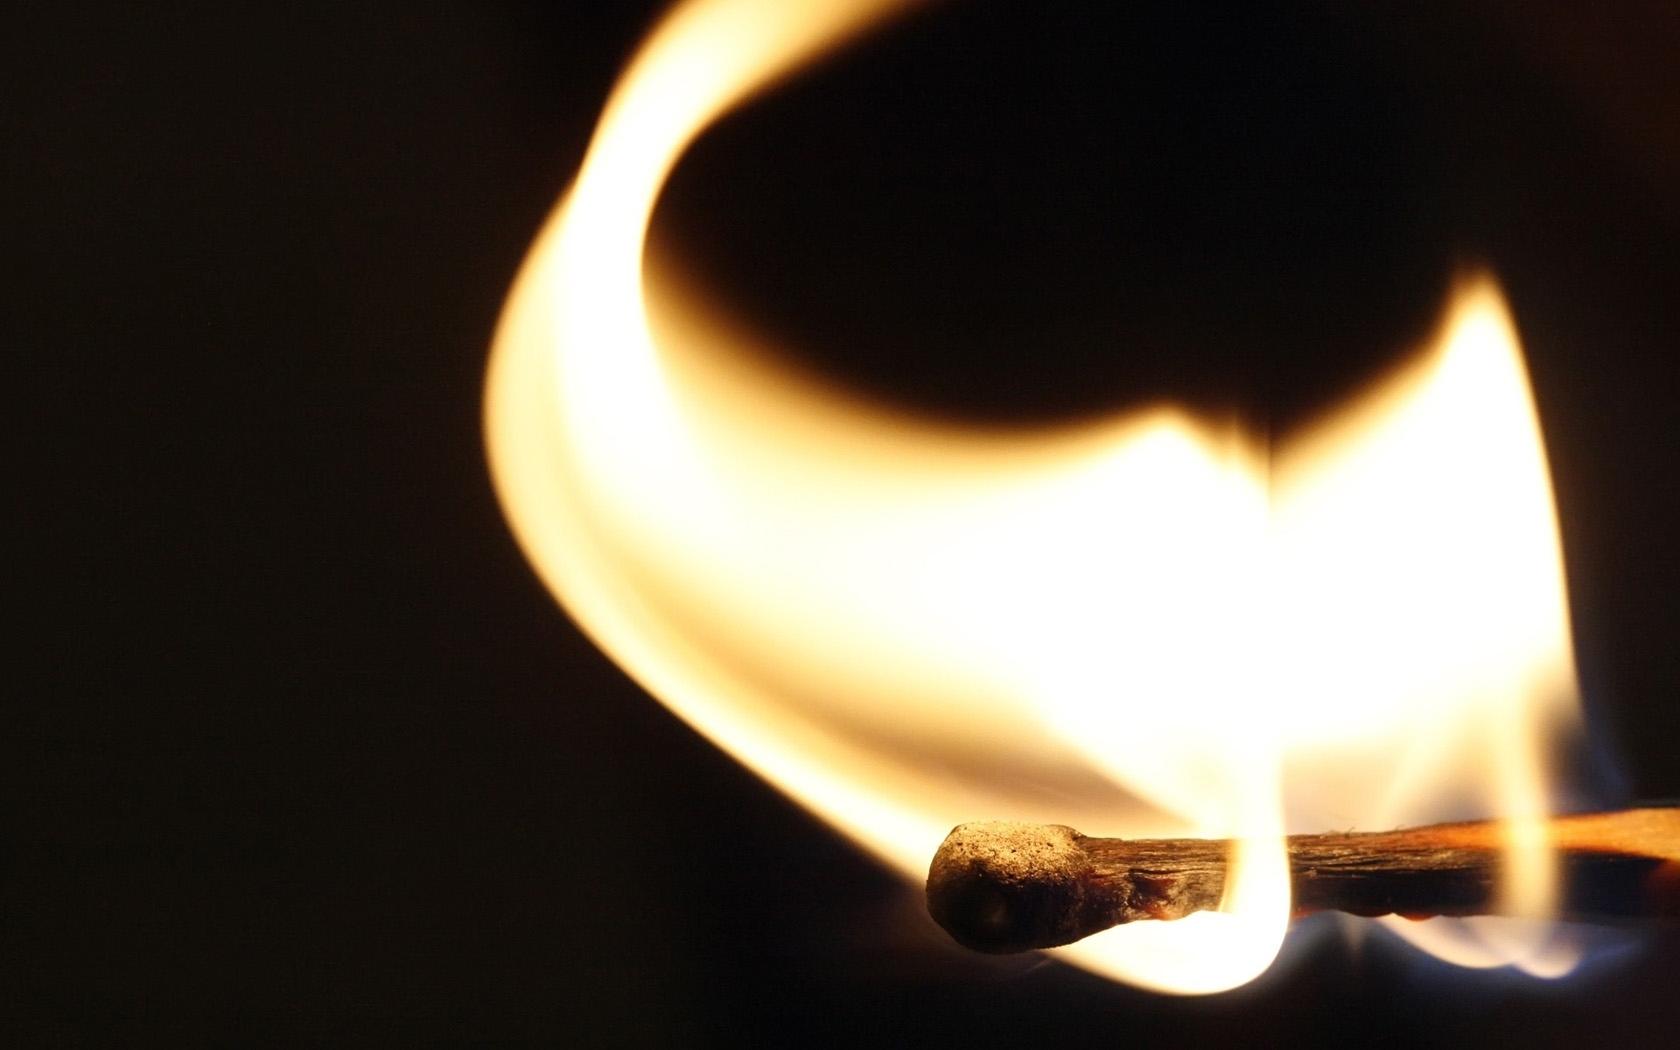 fire wallpaper match stick - photo #25